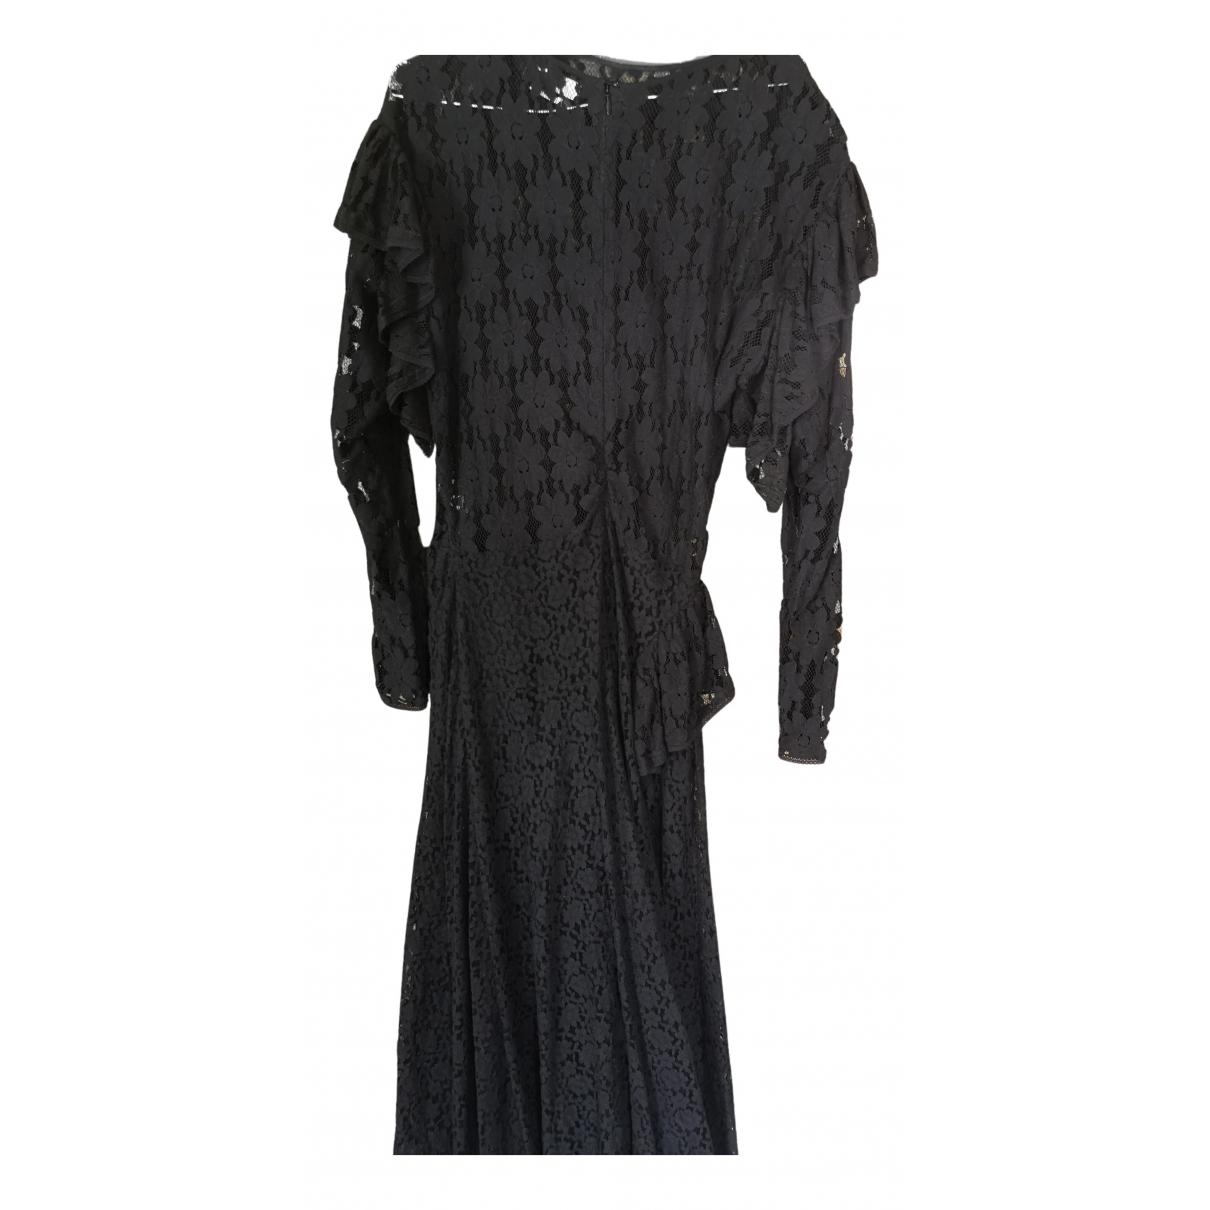 Isabel Marant Etoile N Black dress for Women 38 FR